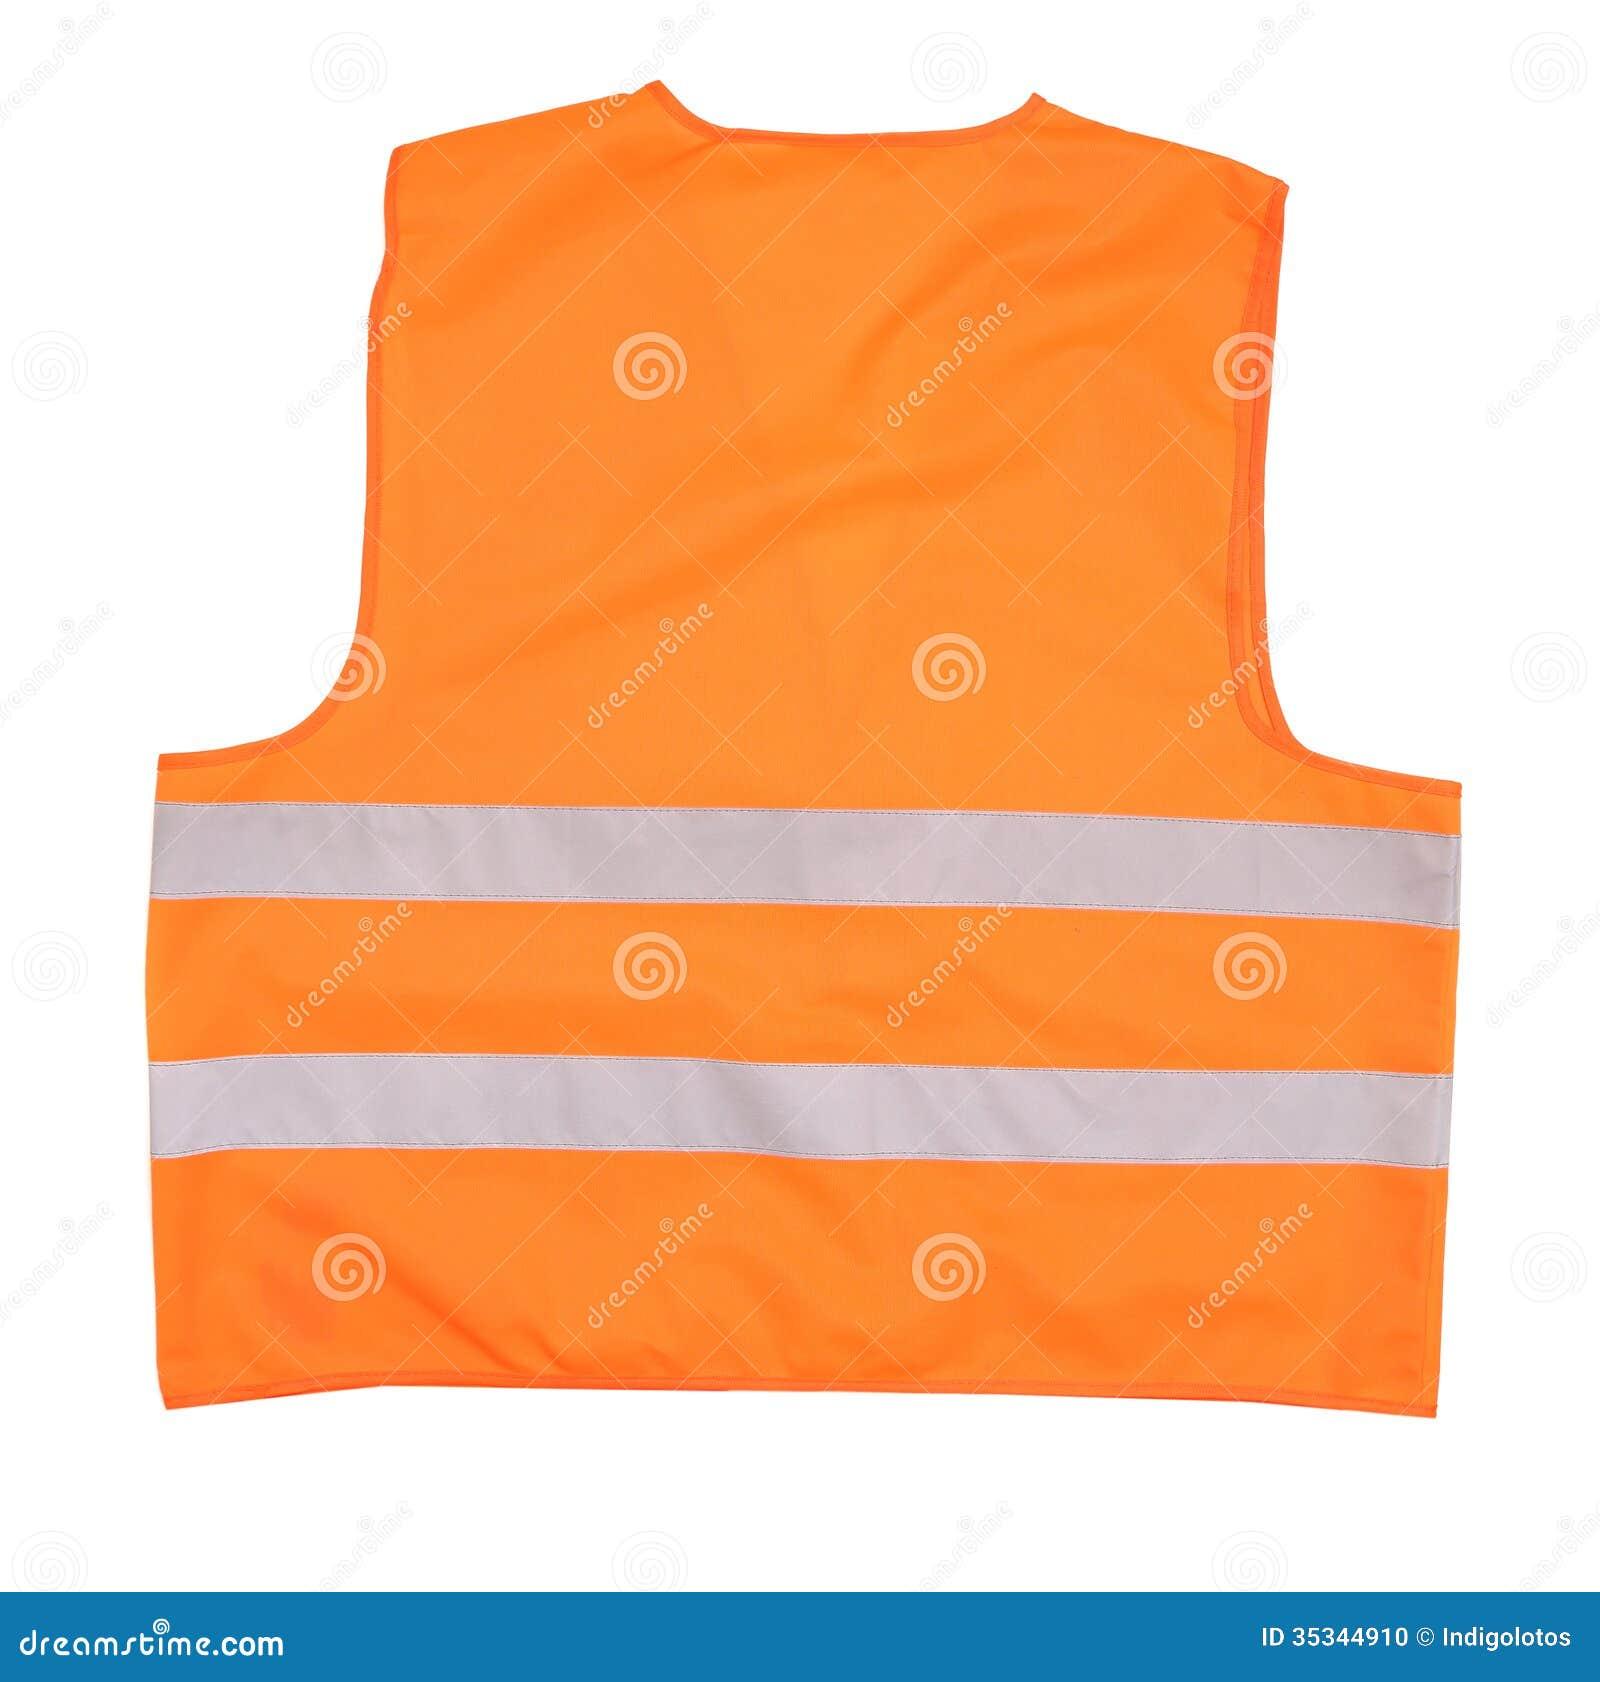 Back view of safety orange vest.